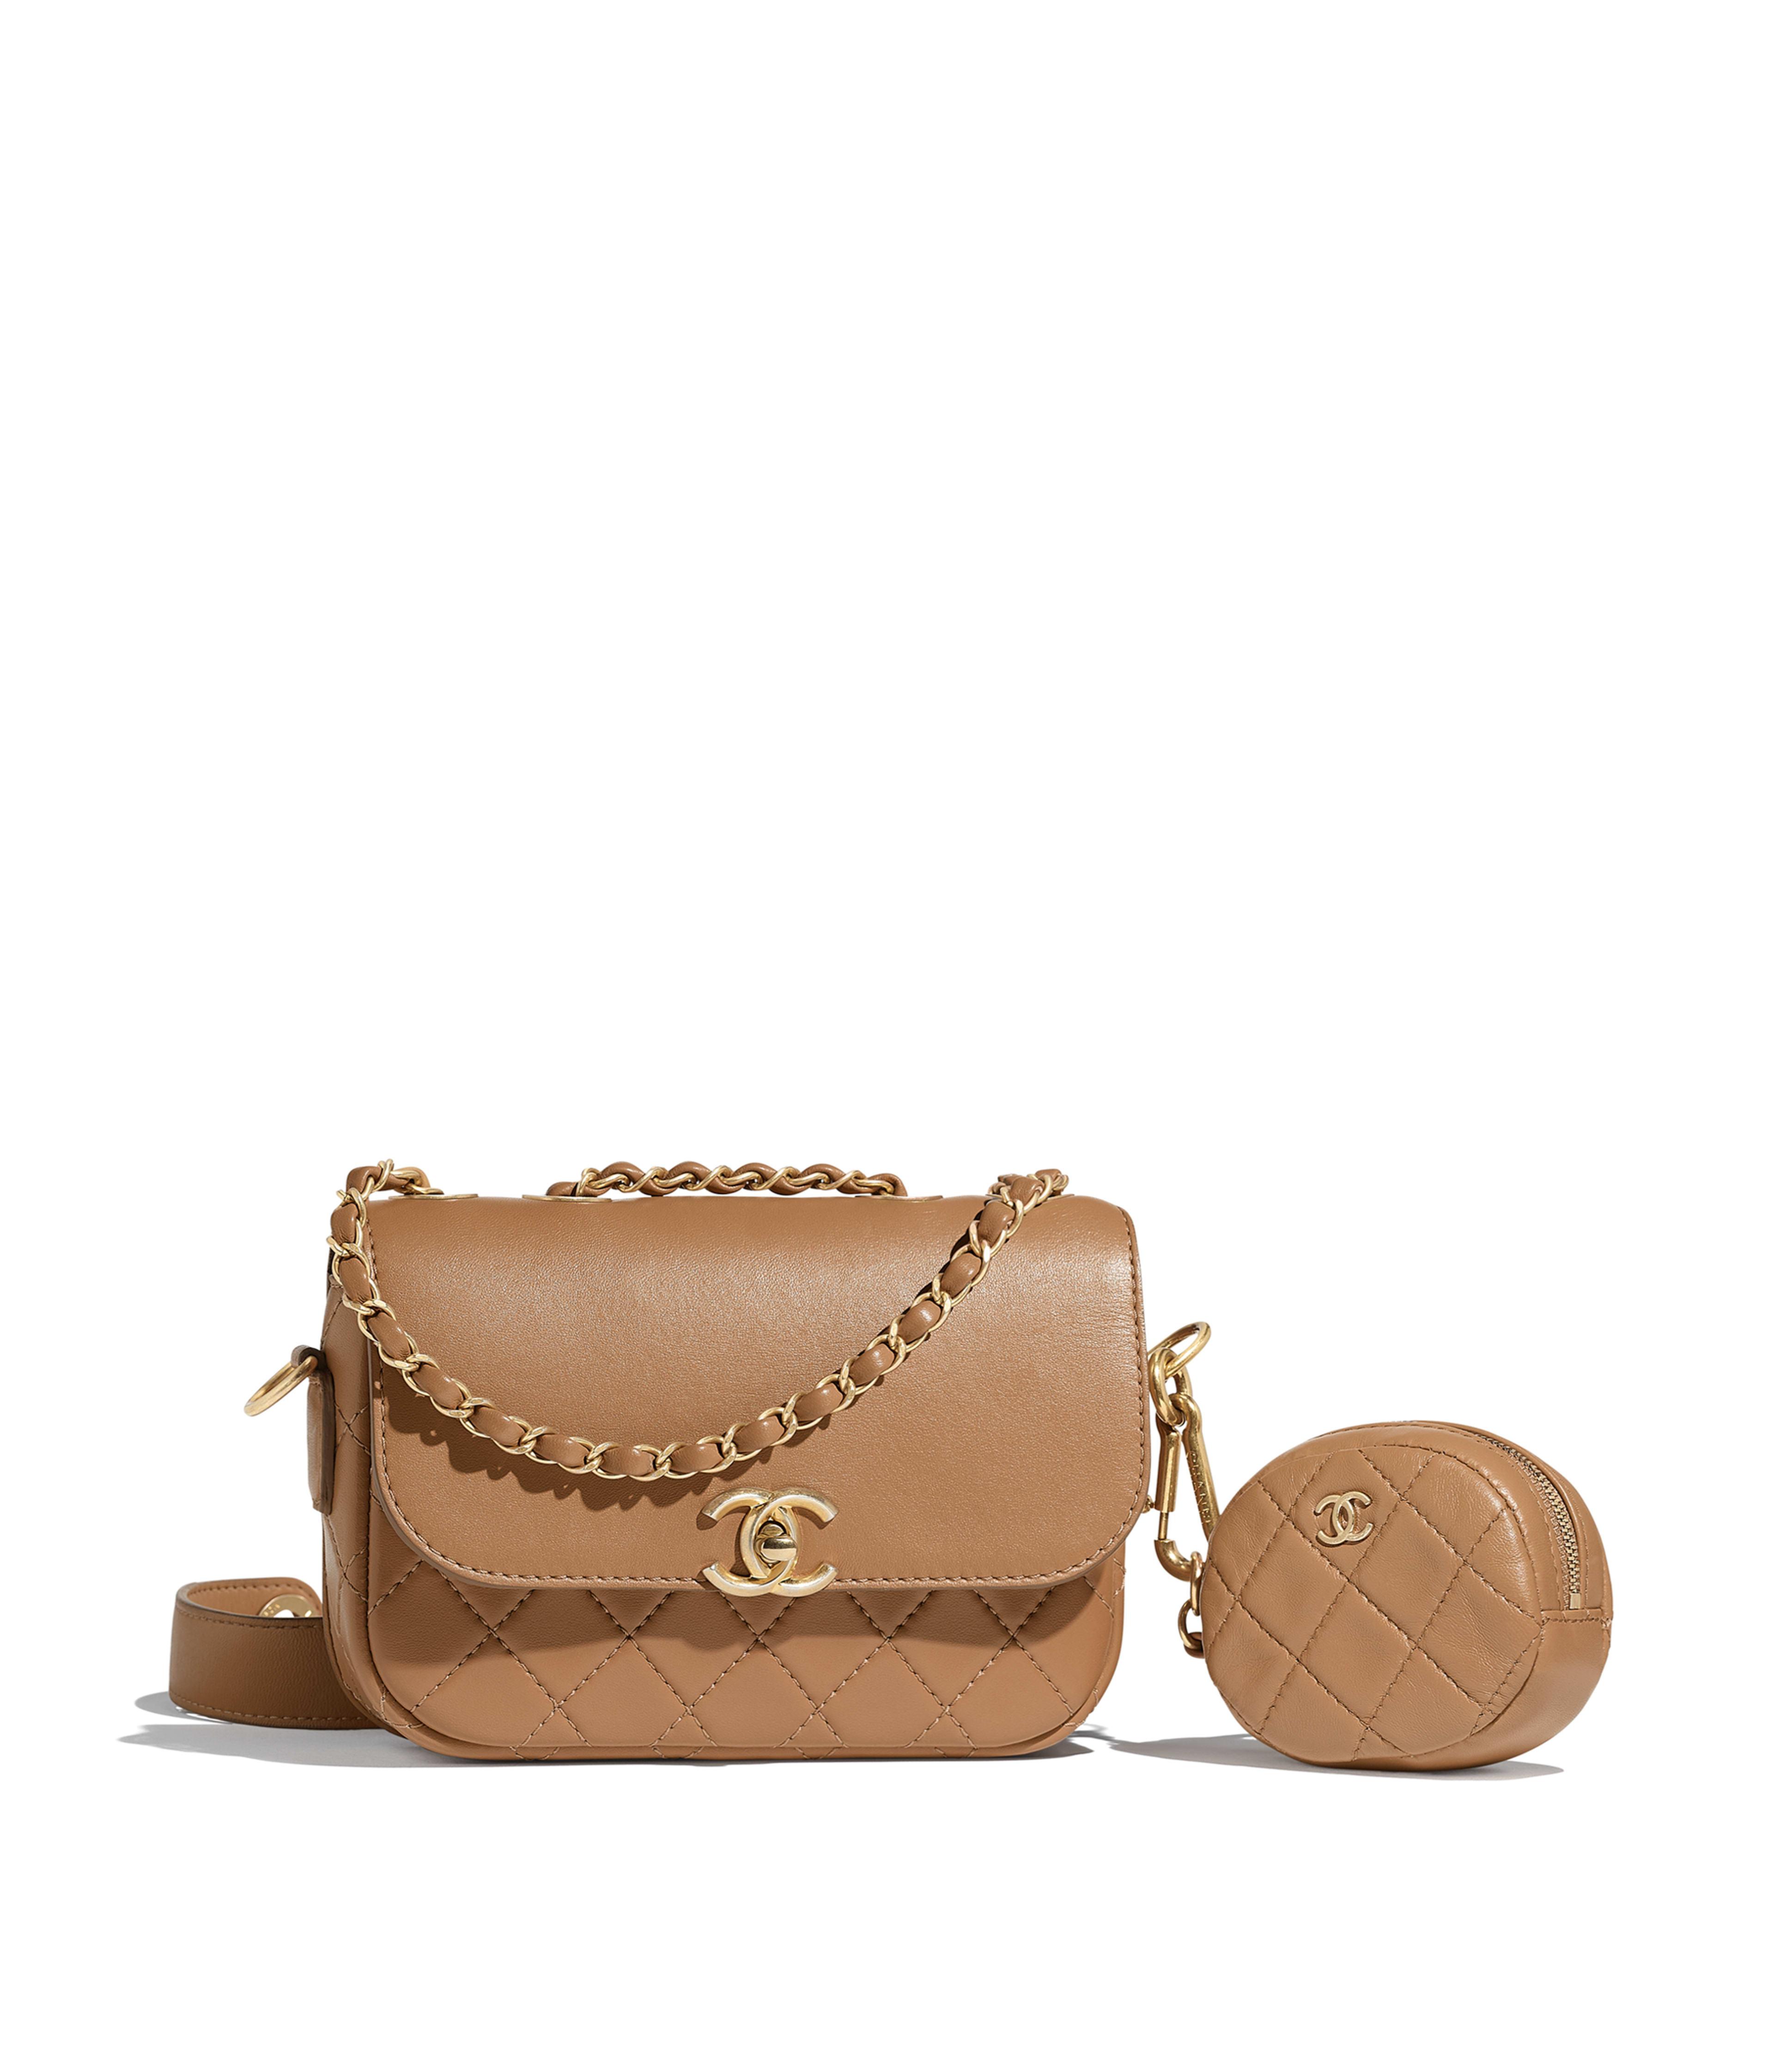 Handbags Fashion Chanel